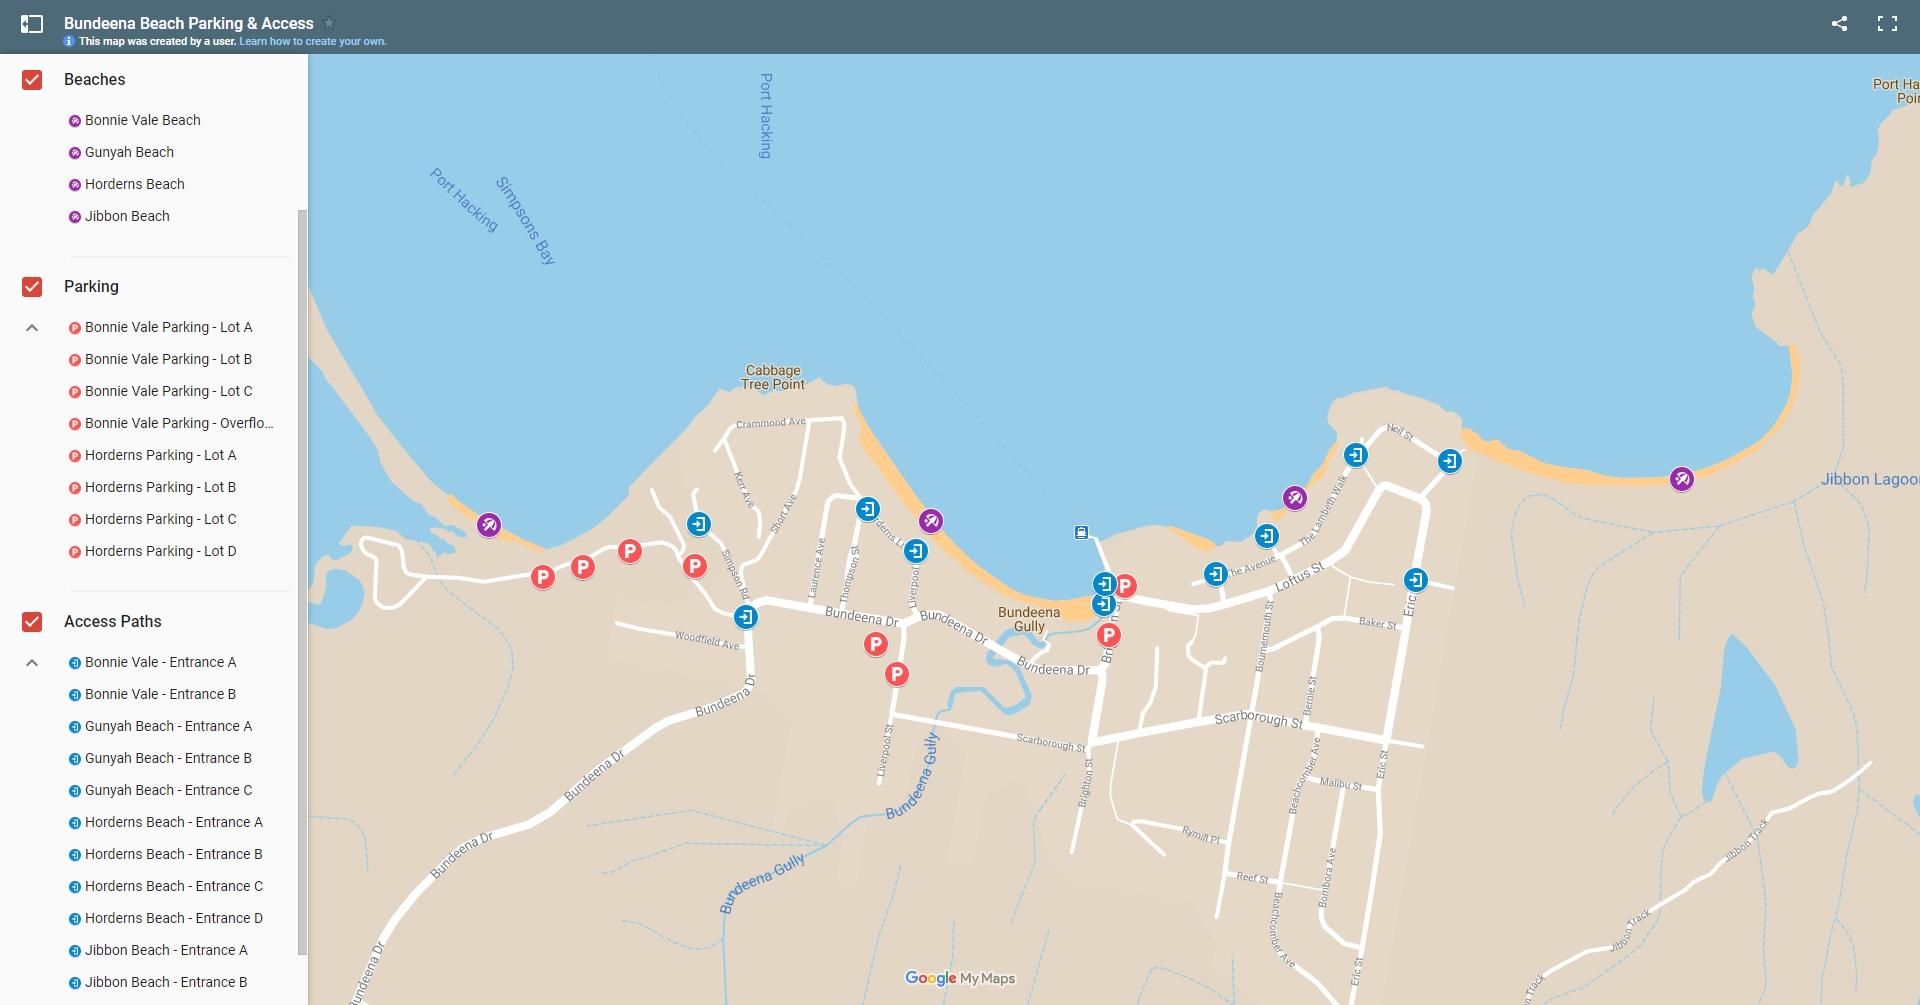 Bundeena Beach Parking Access Map